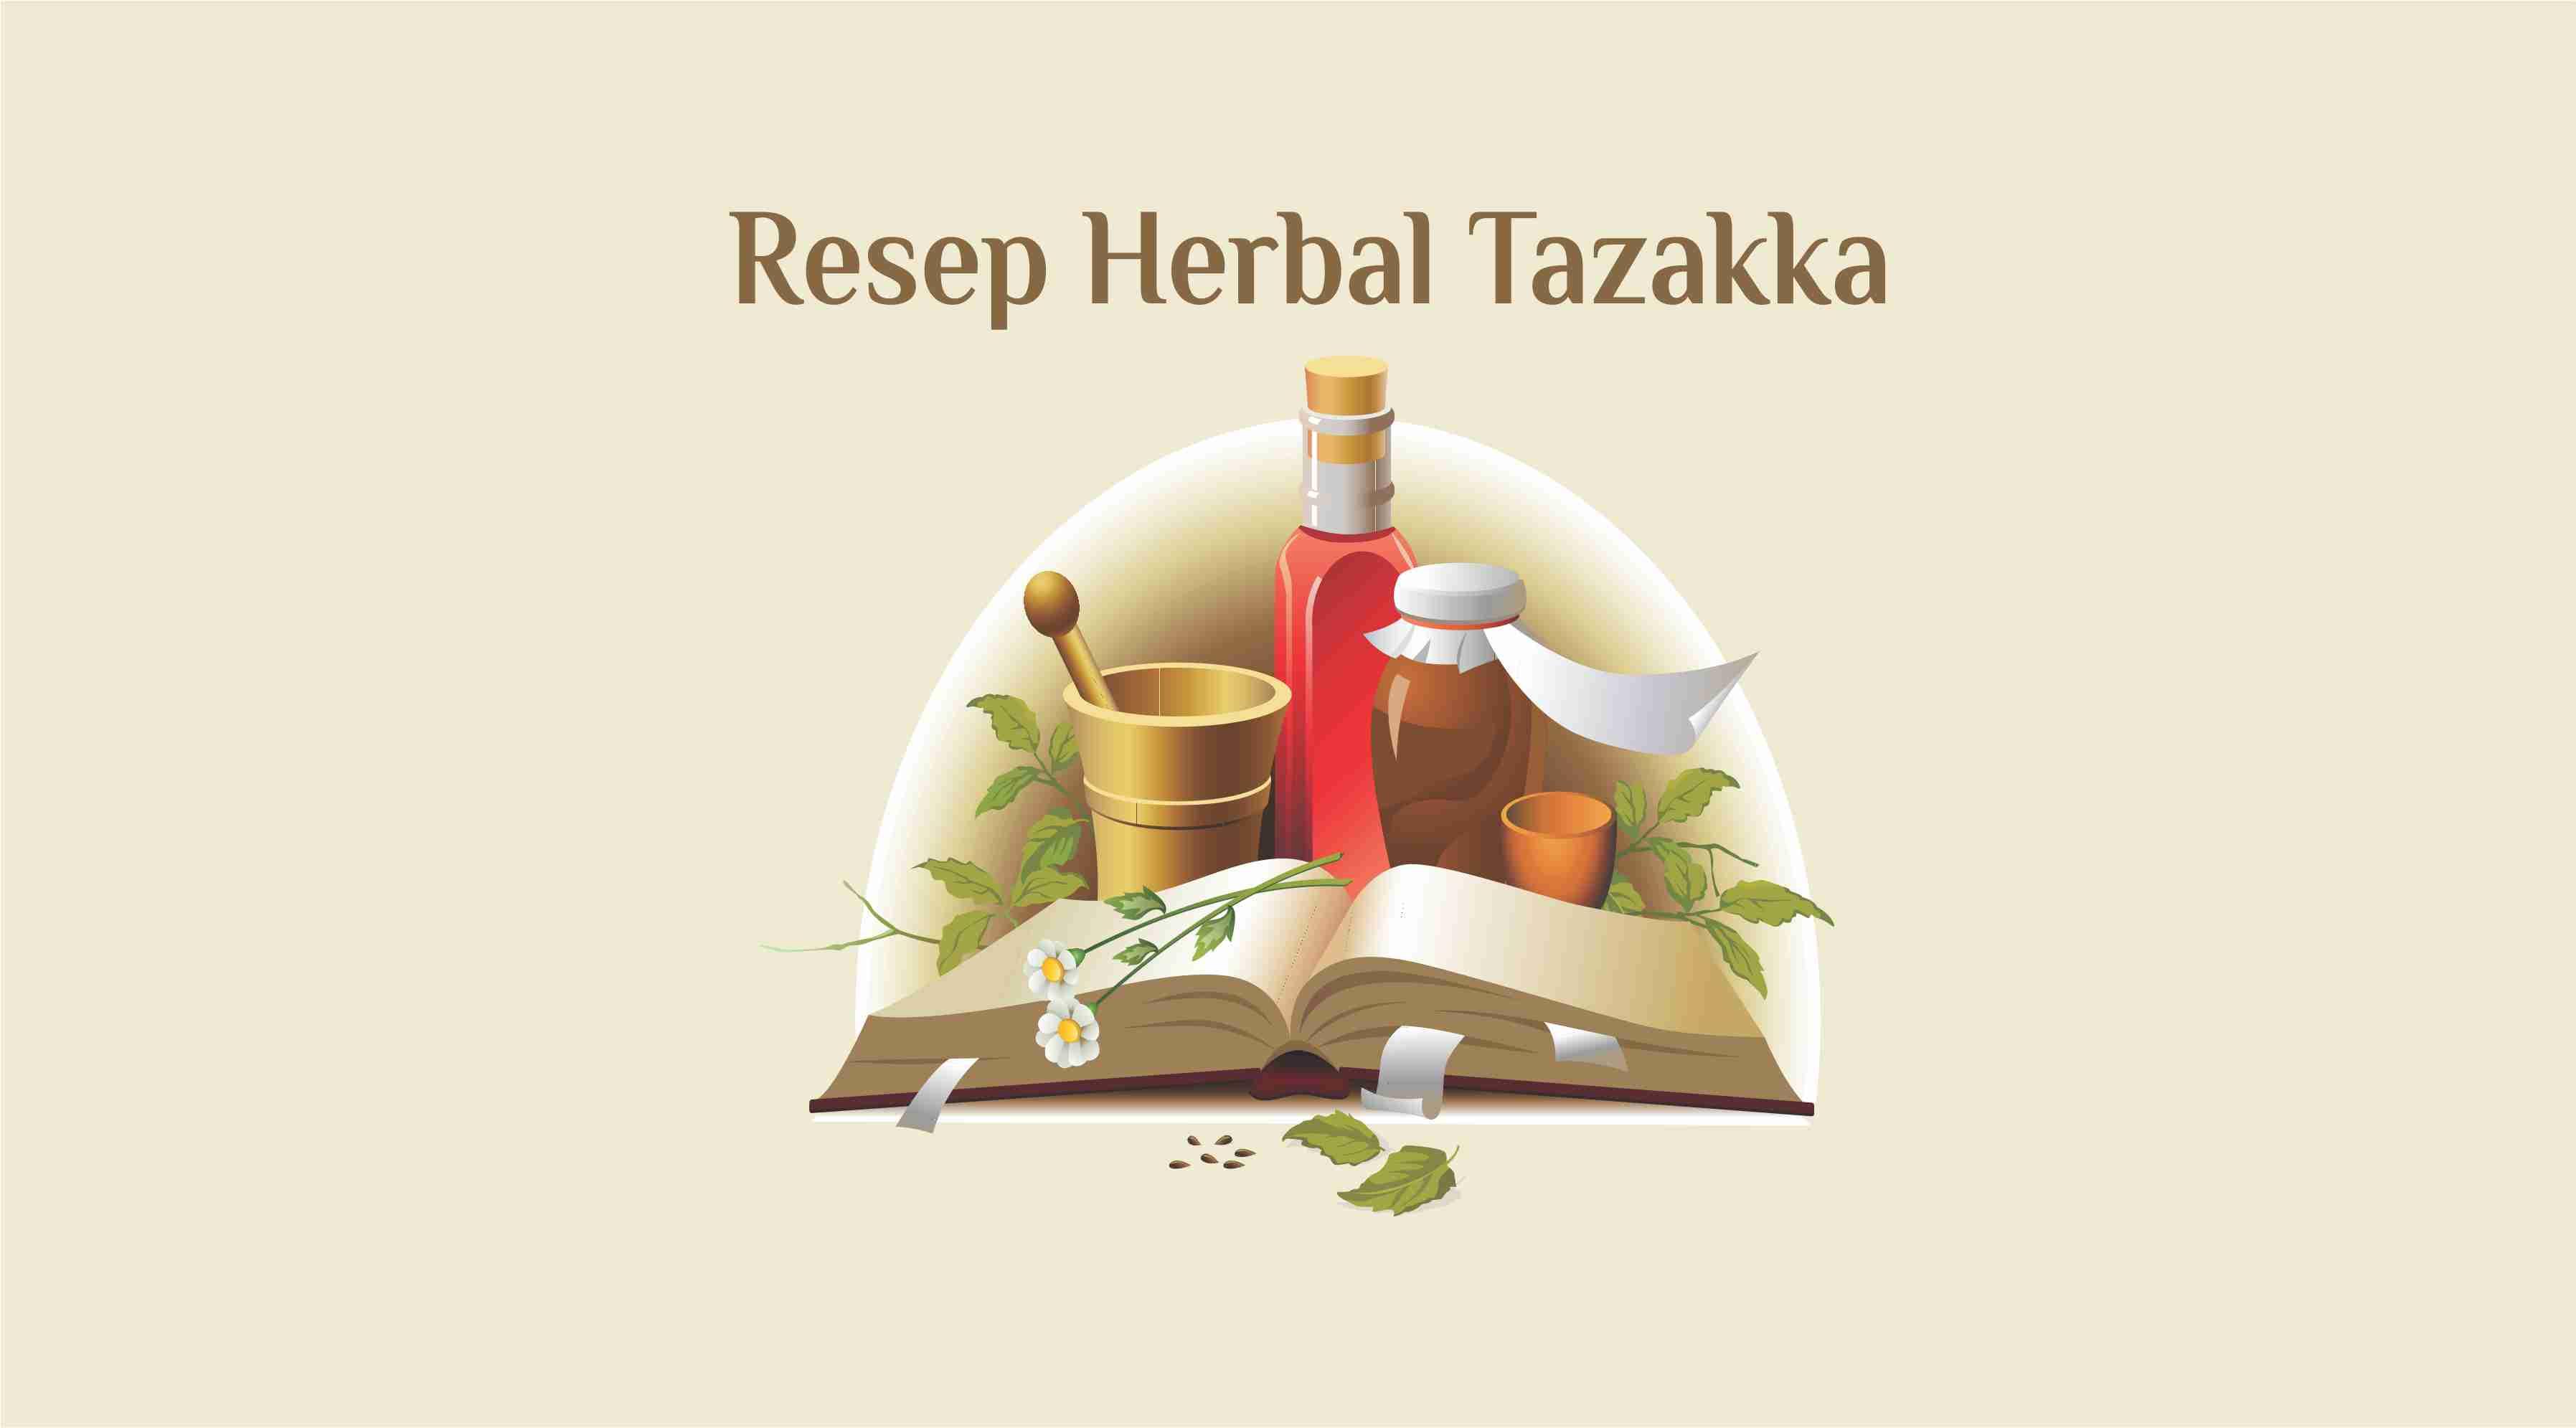 foto gambar posting panduan tentang rekomendasi resep dafta penyakit dan terapi herbalnya